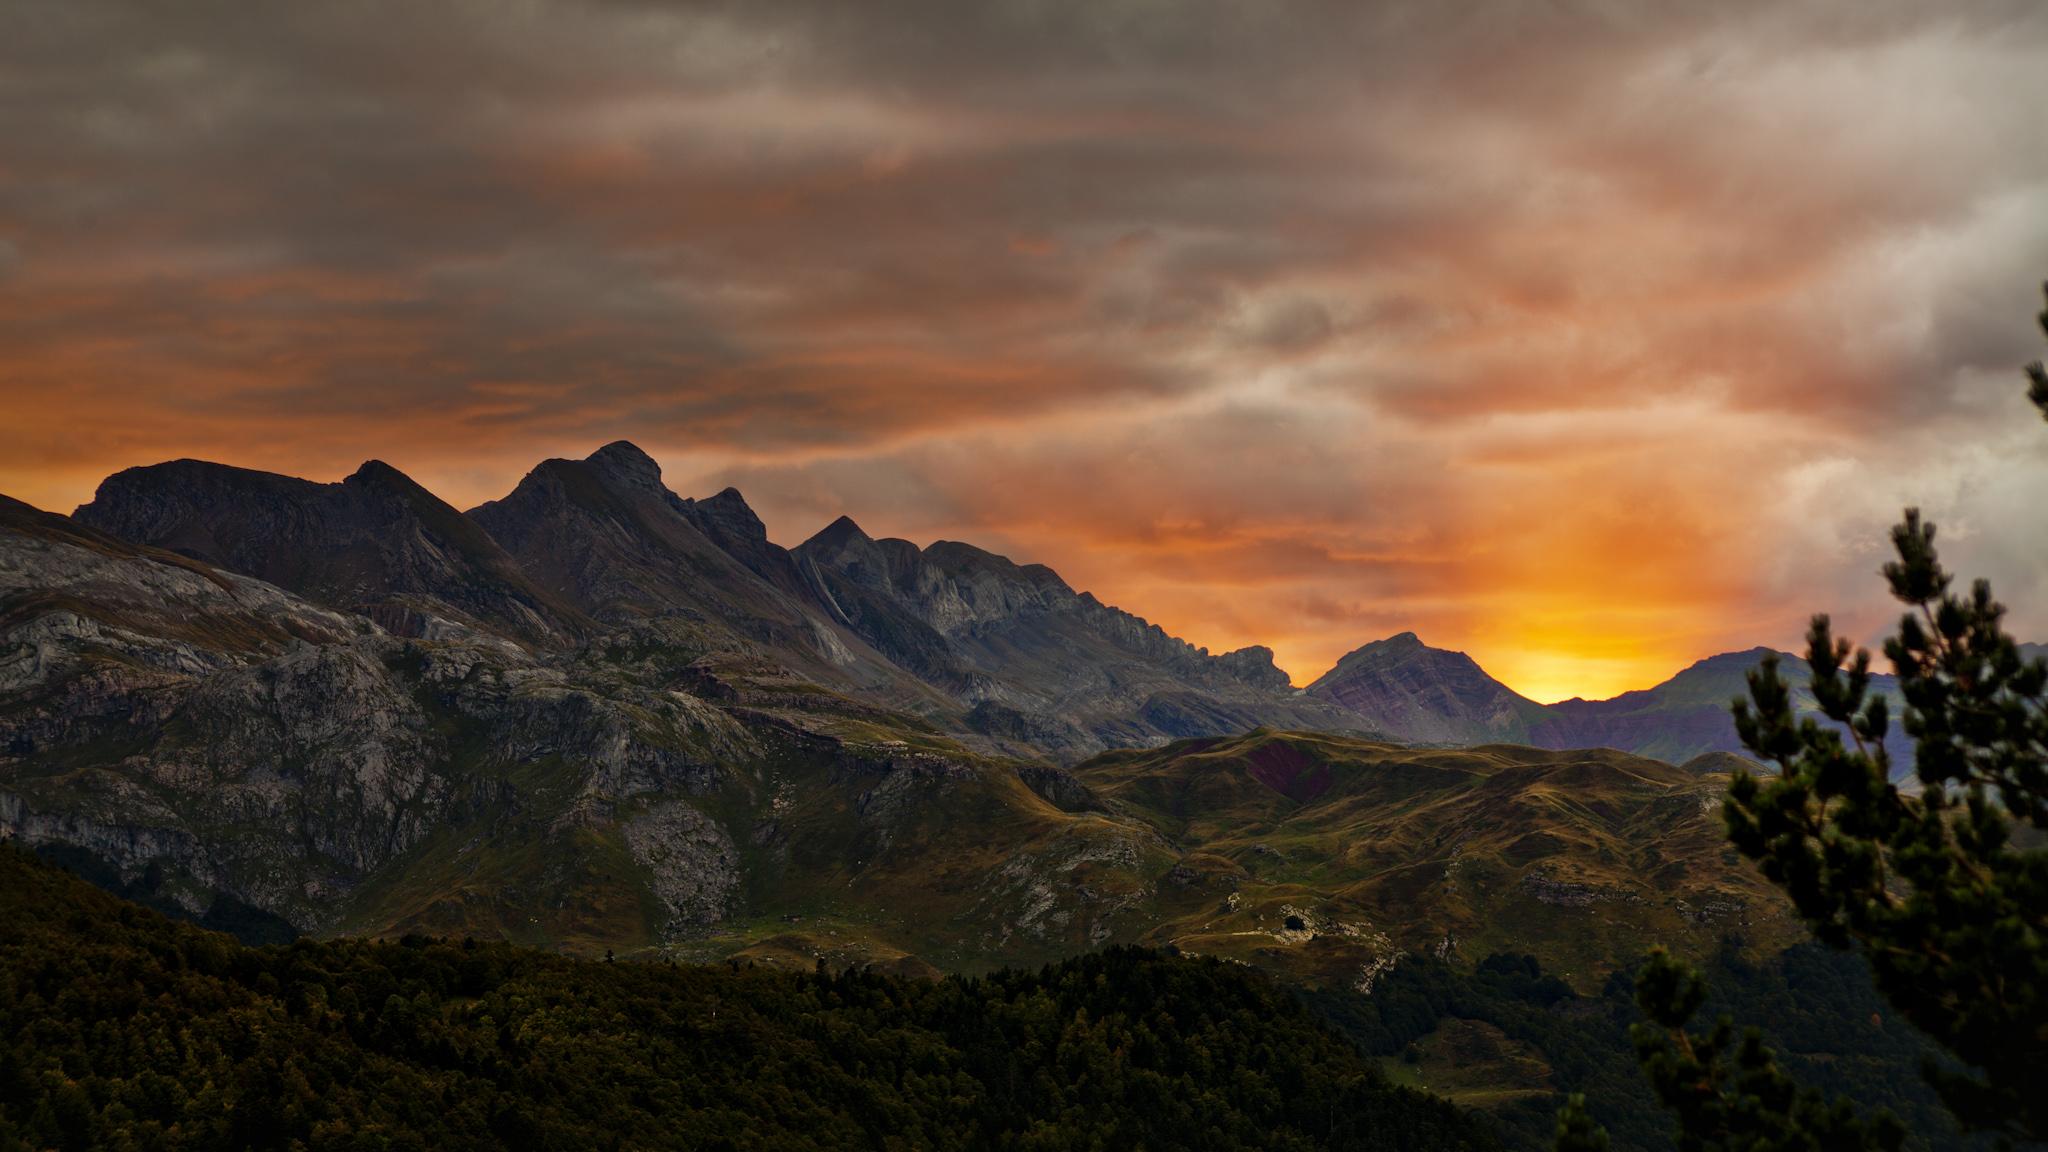 Atardecer sobre la sierra de Secús 2 - Paisajes del valle - Fotos del Valle del Aragón, Mikel Besga